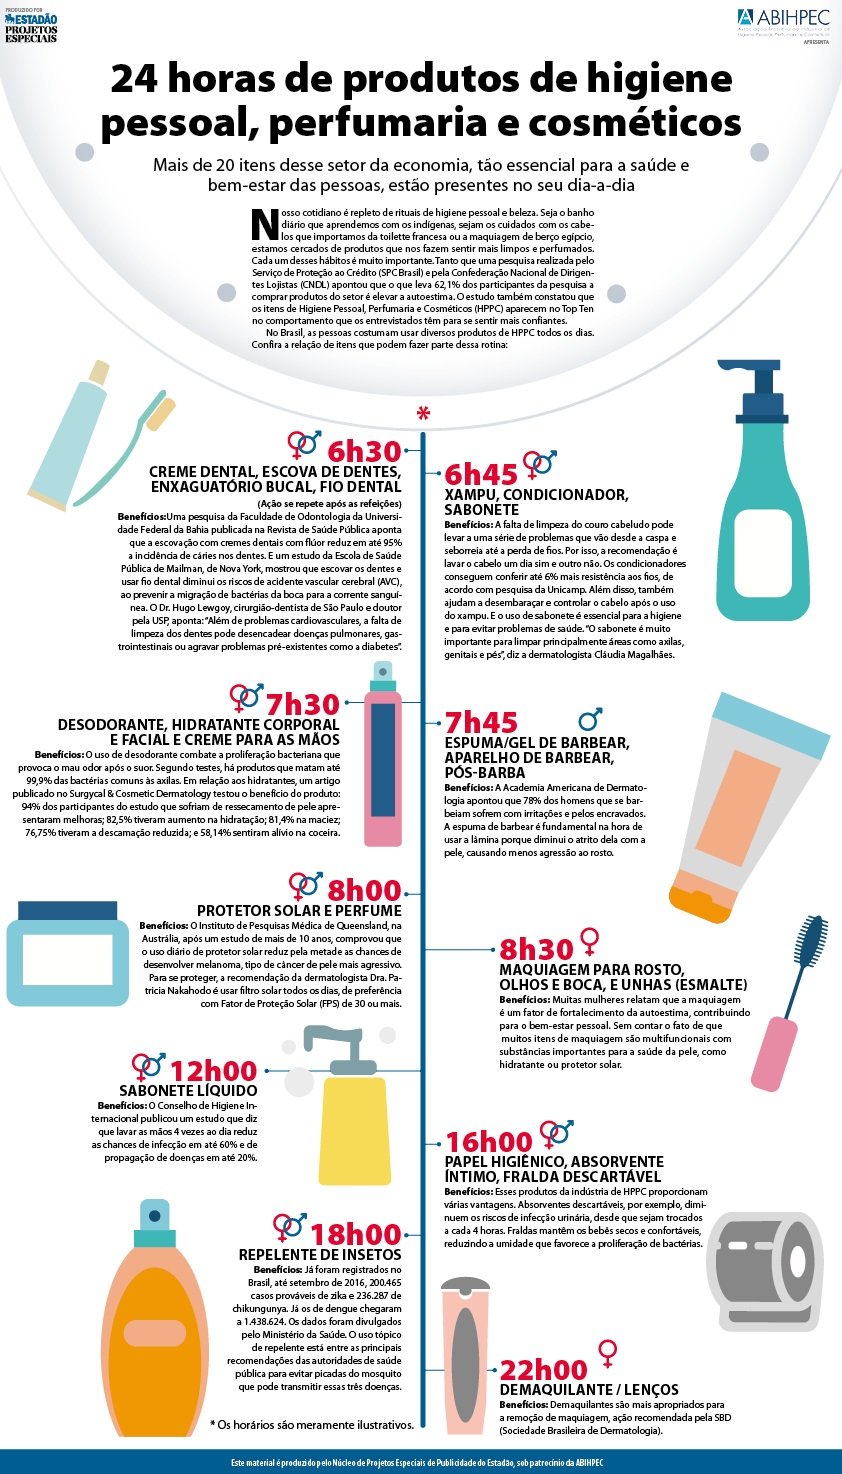 Extremamente 24 horas de produtos de higiene pessoal, perfumaria e cosméticos | GH91